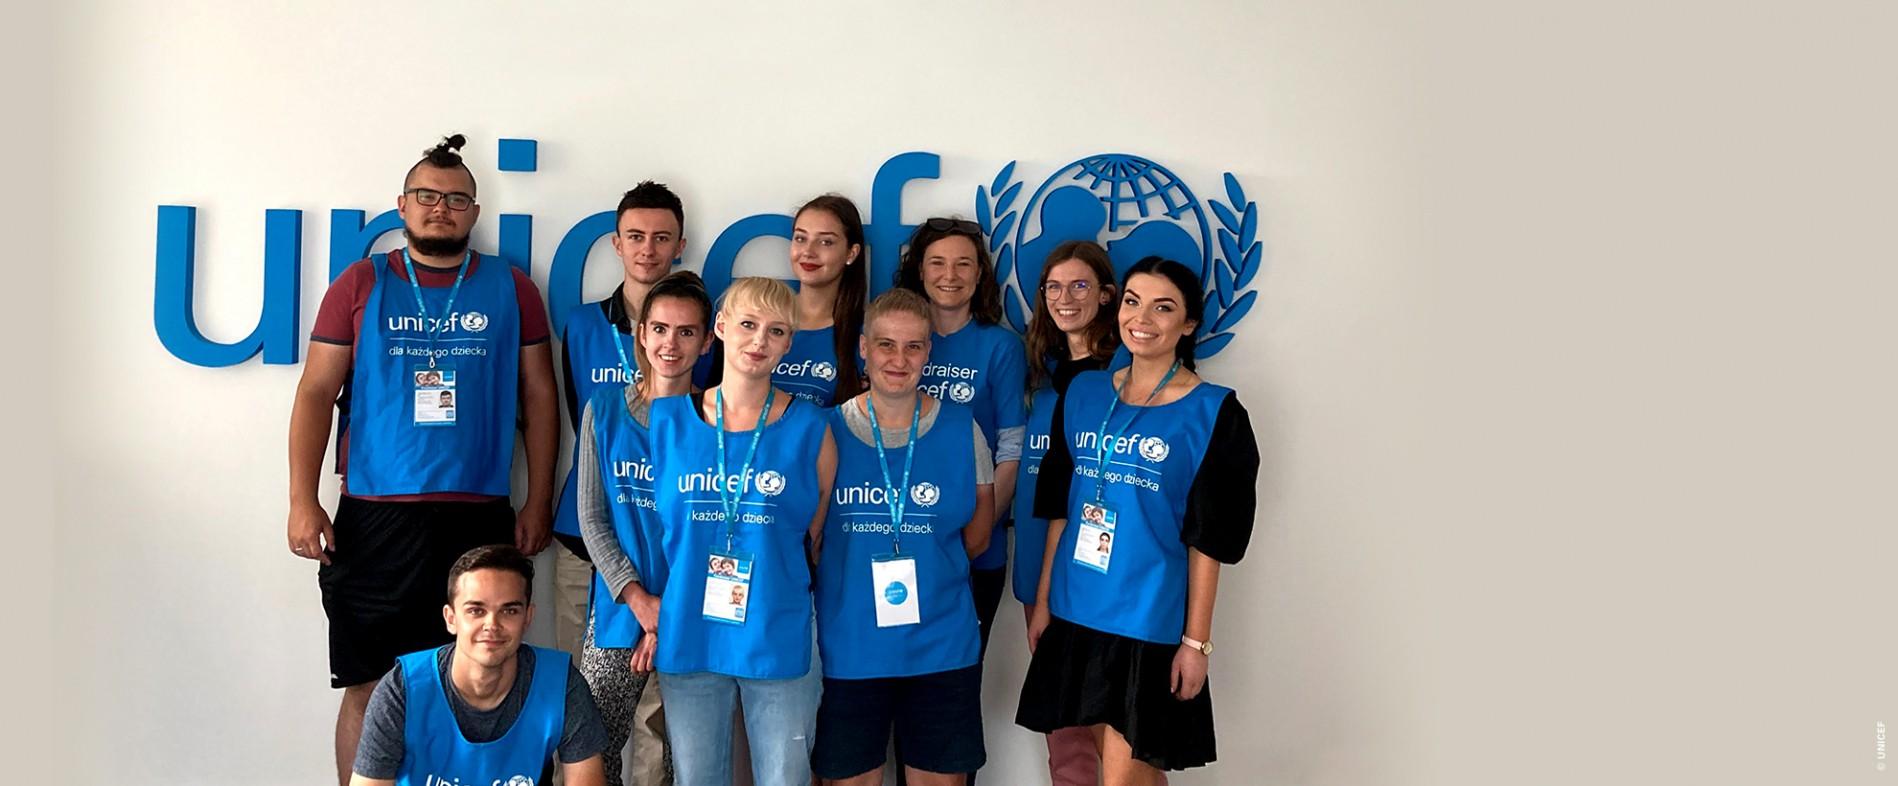 UNICEF Polska - Nasi Fundraiserzy